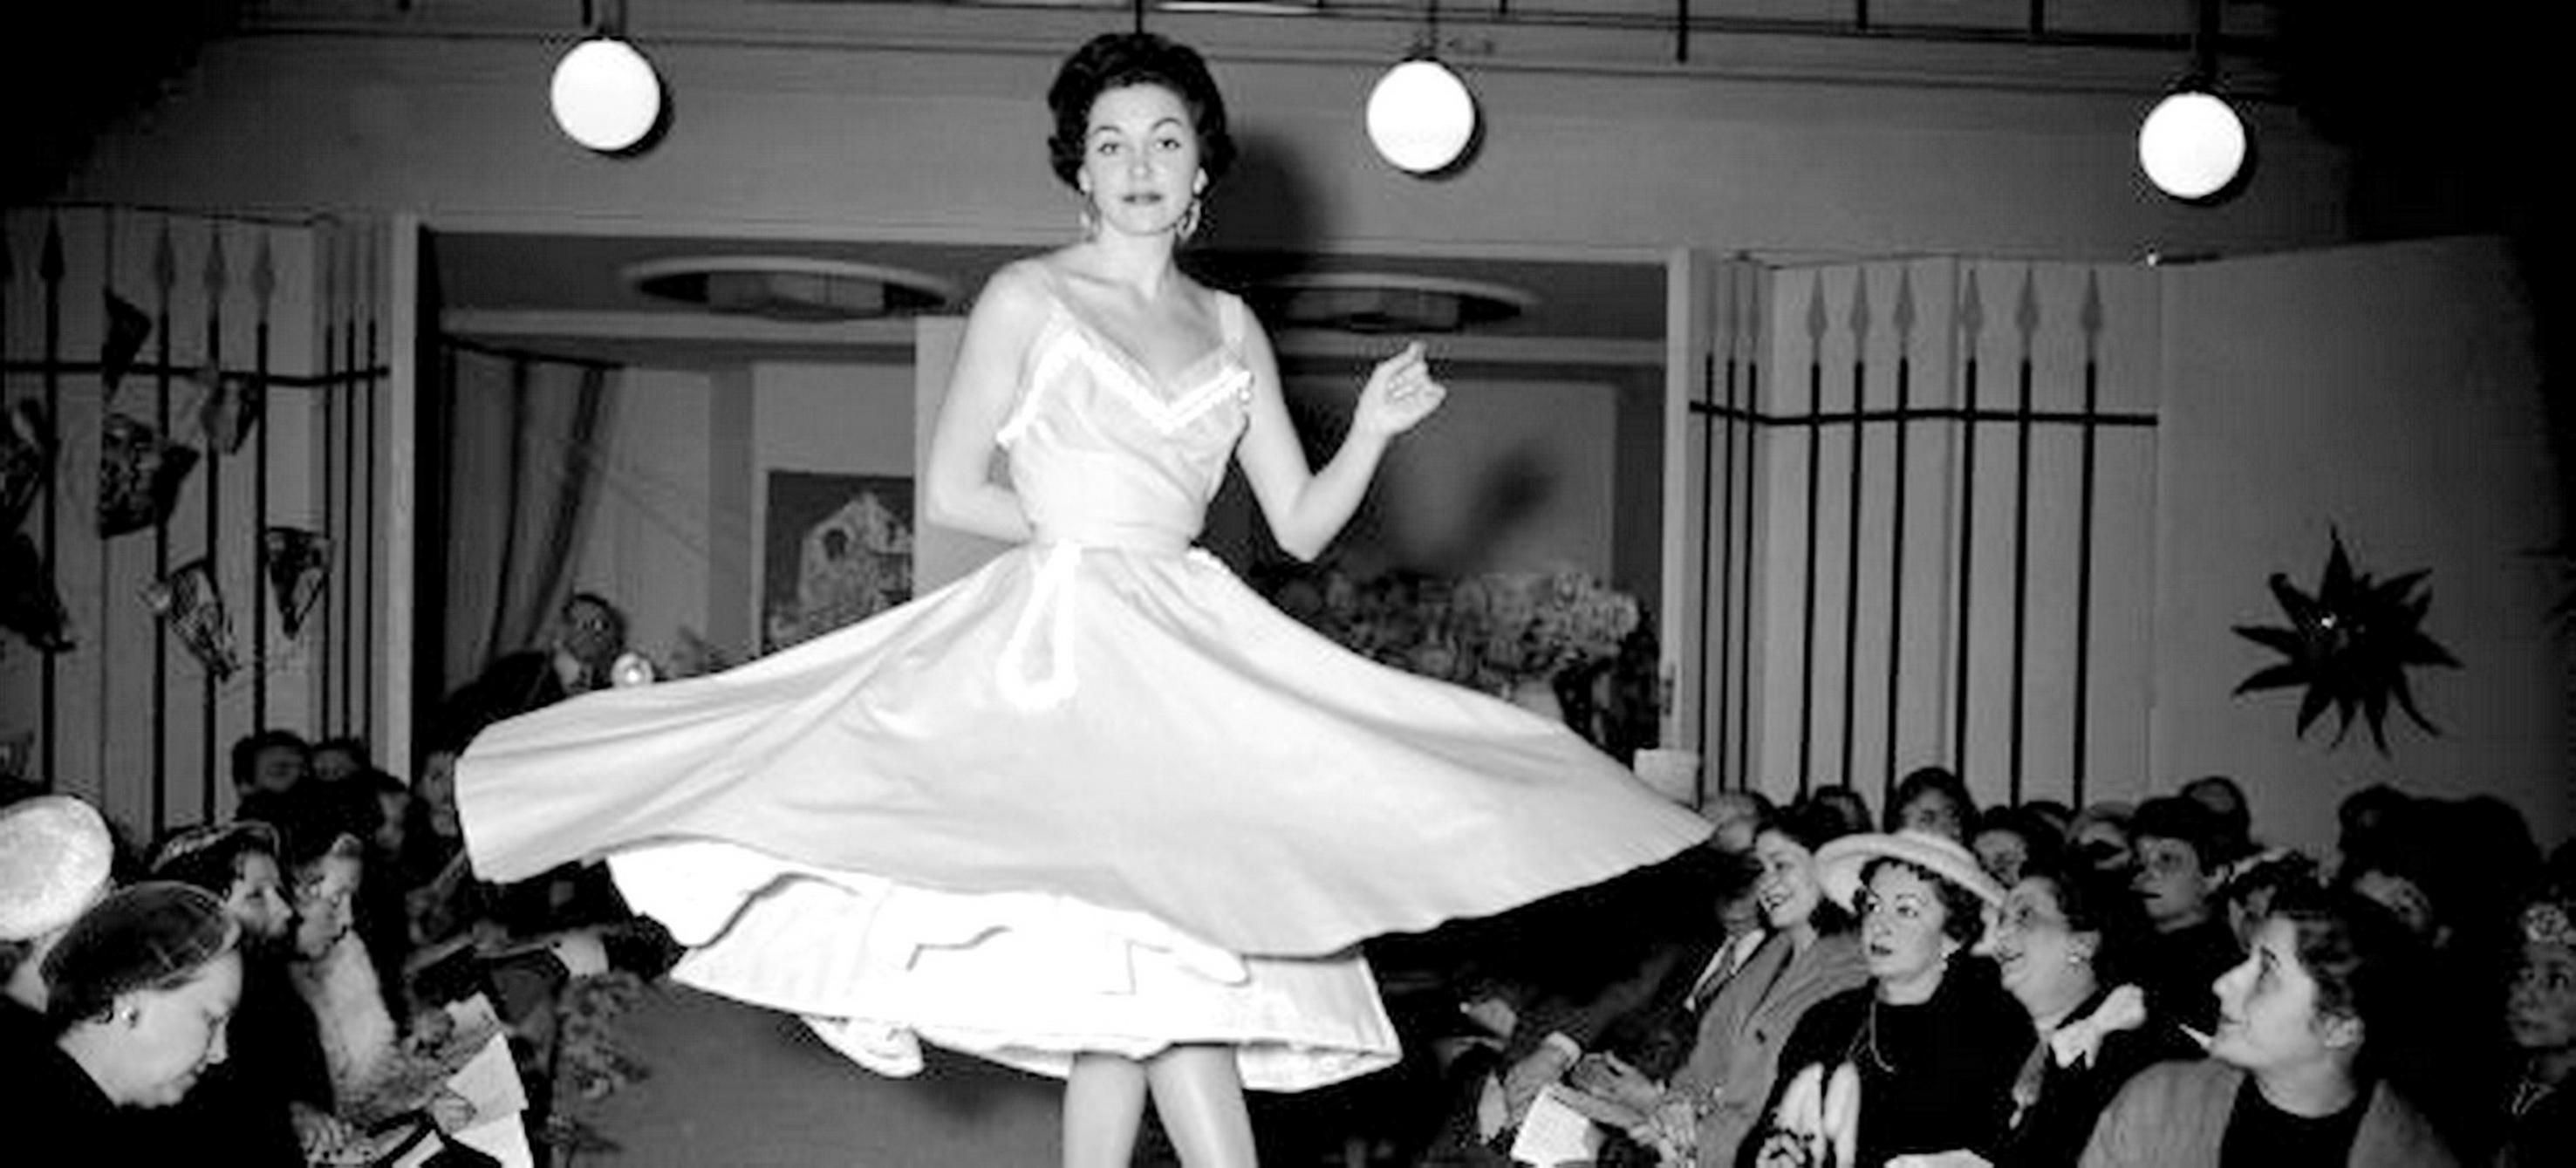 Die Petticoat-Mode - Ausdruck eines neuen Lebensgefühls in den fünfziger Jahren...